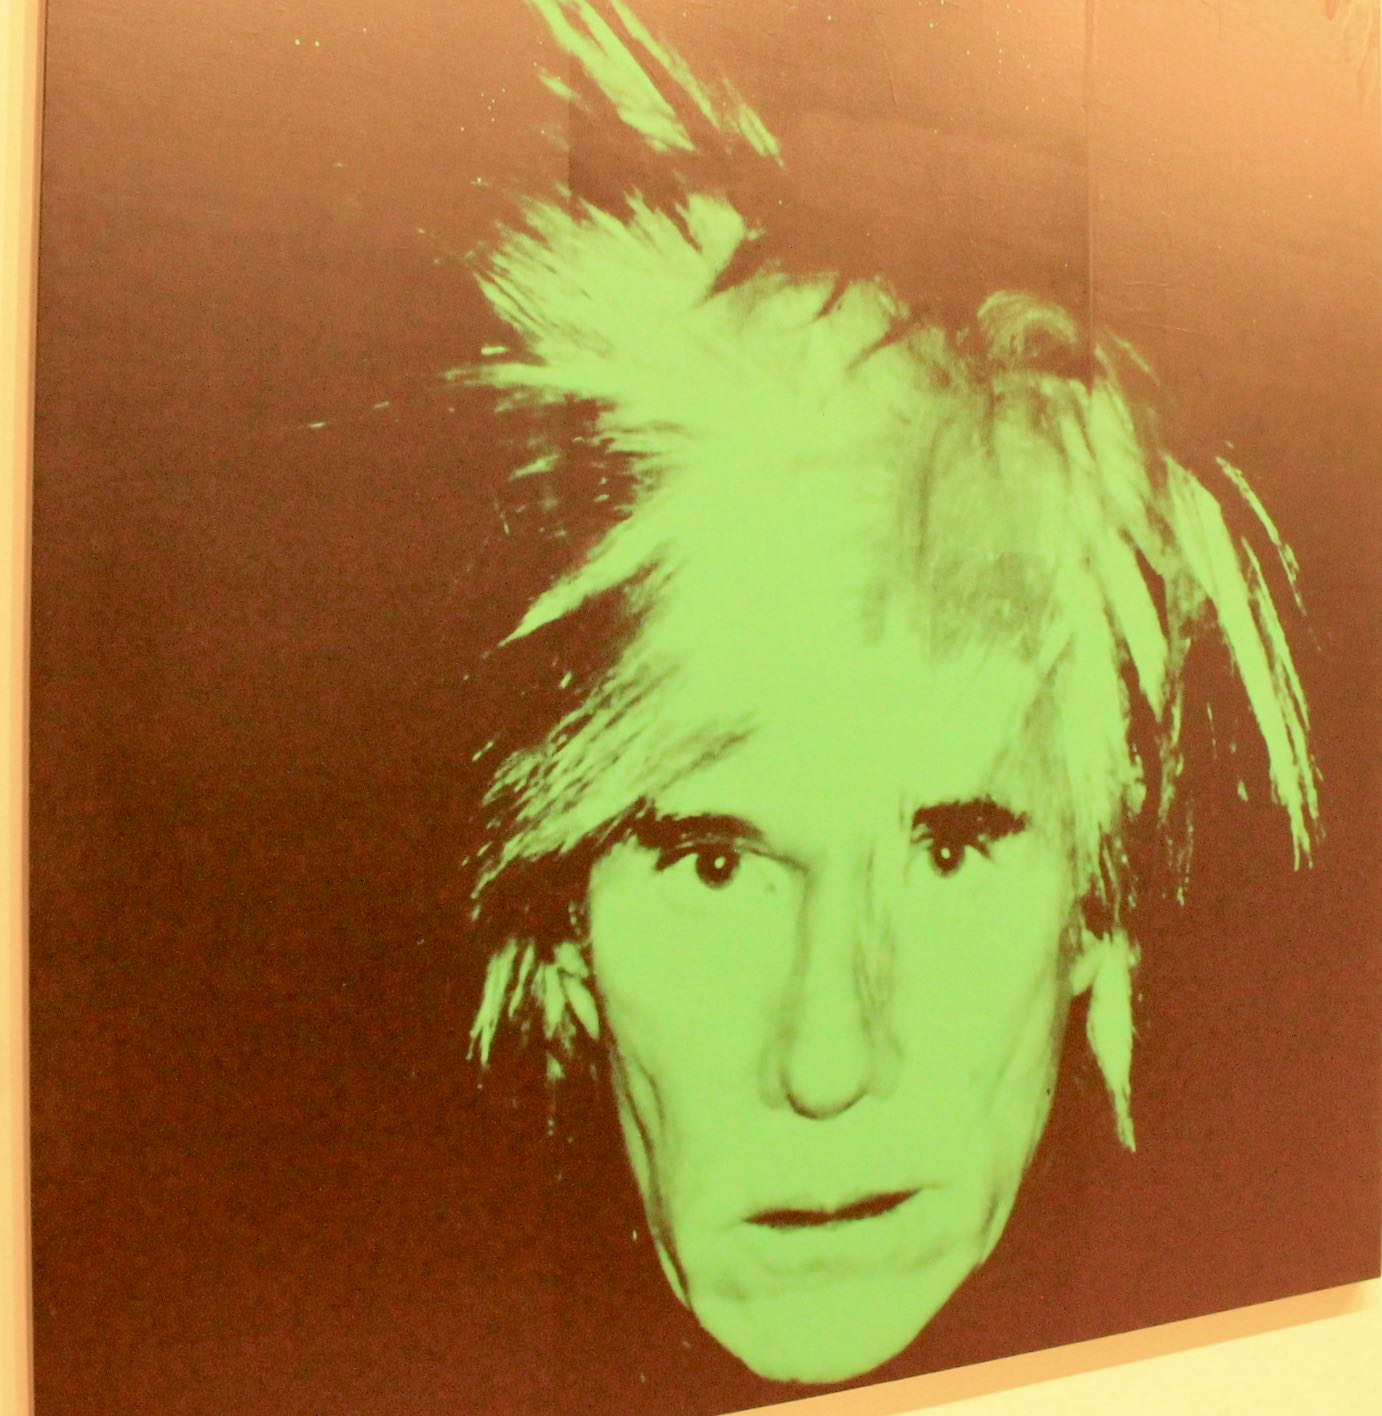 NYC, my Andy Warhol